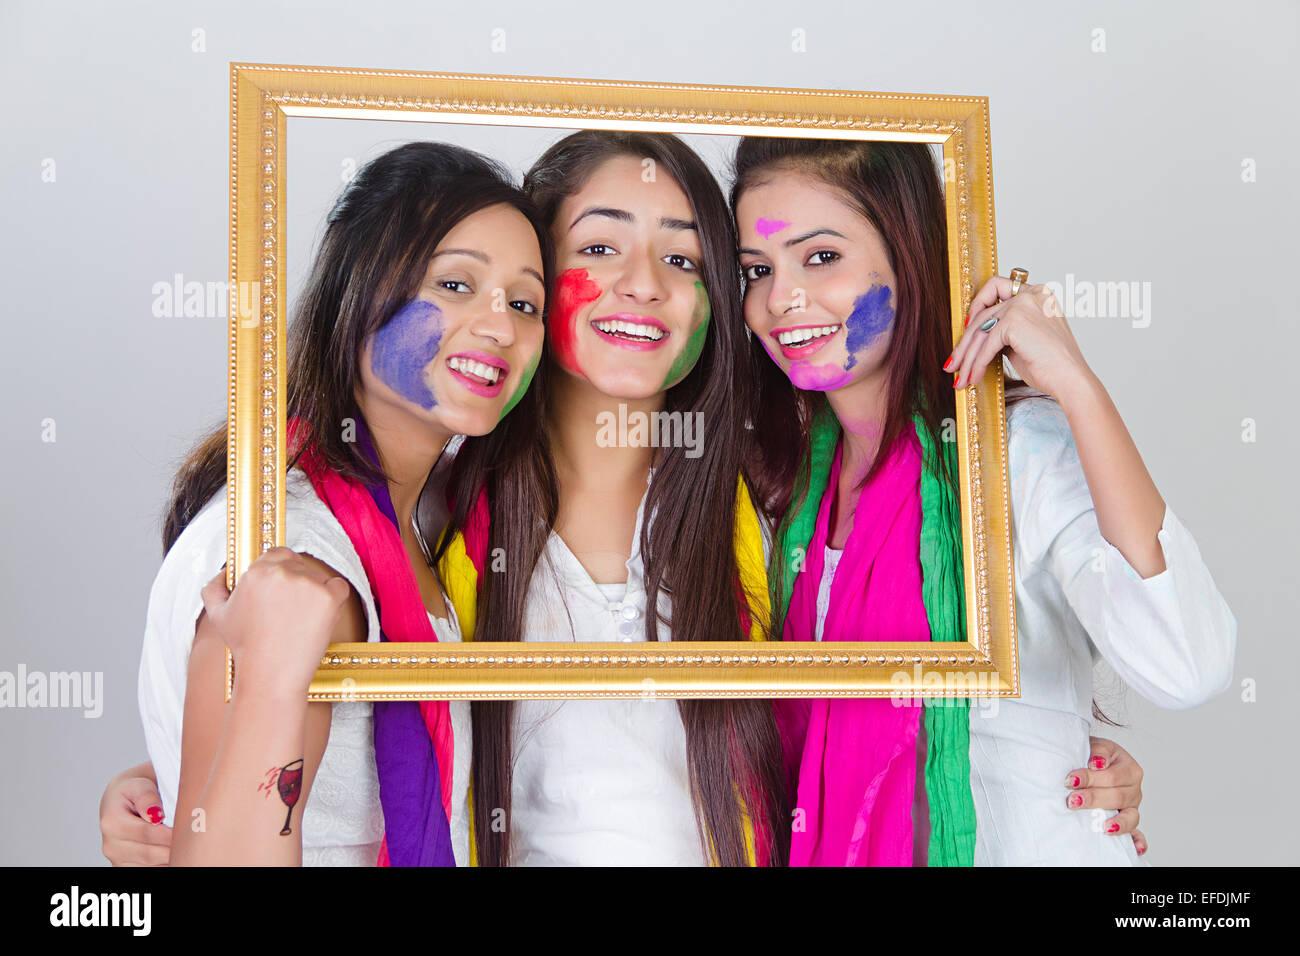 3 indische Damen Holi Festival Bilderrahmen Stockfoto, Bild ...